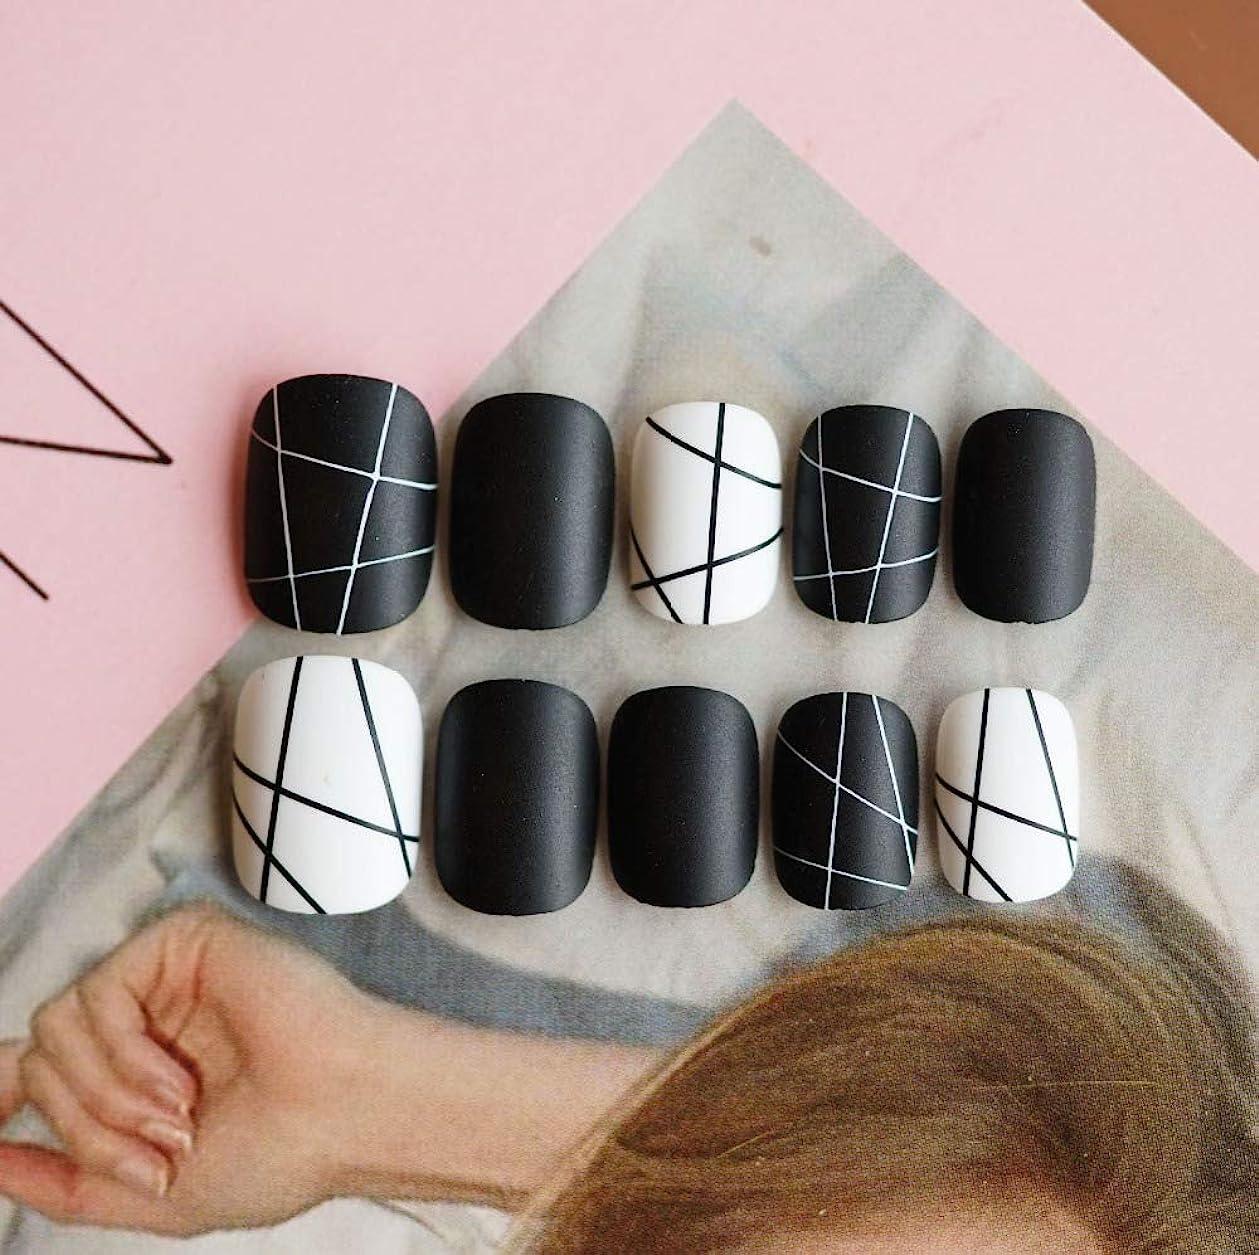 瞑想ドレイン手術XUTXZKA 家のための24個のブラックホワイトラインフェイクネイルズノーマルスクエアマットステッカー